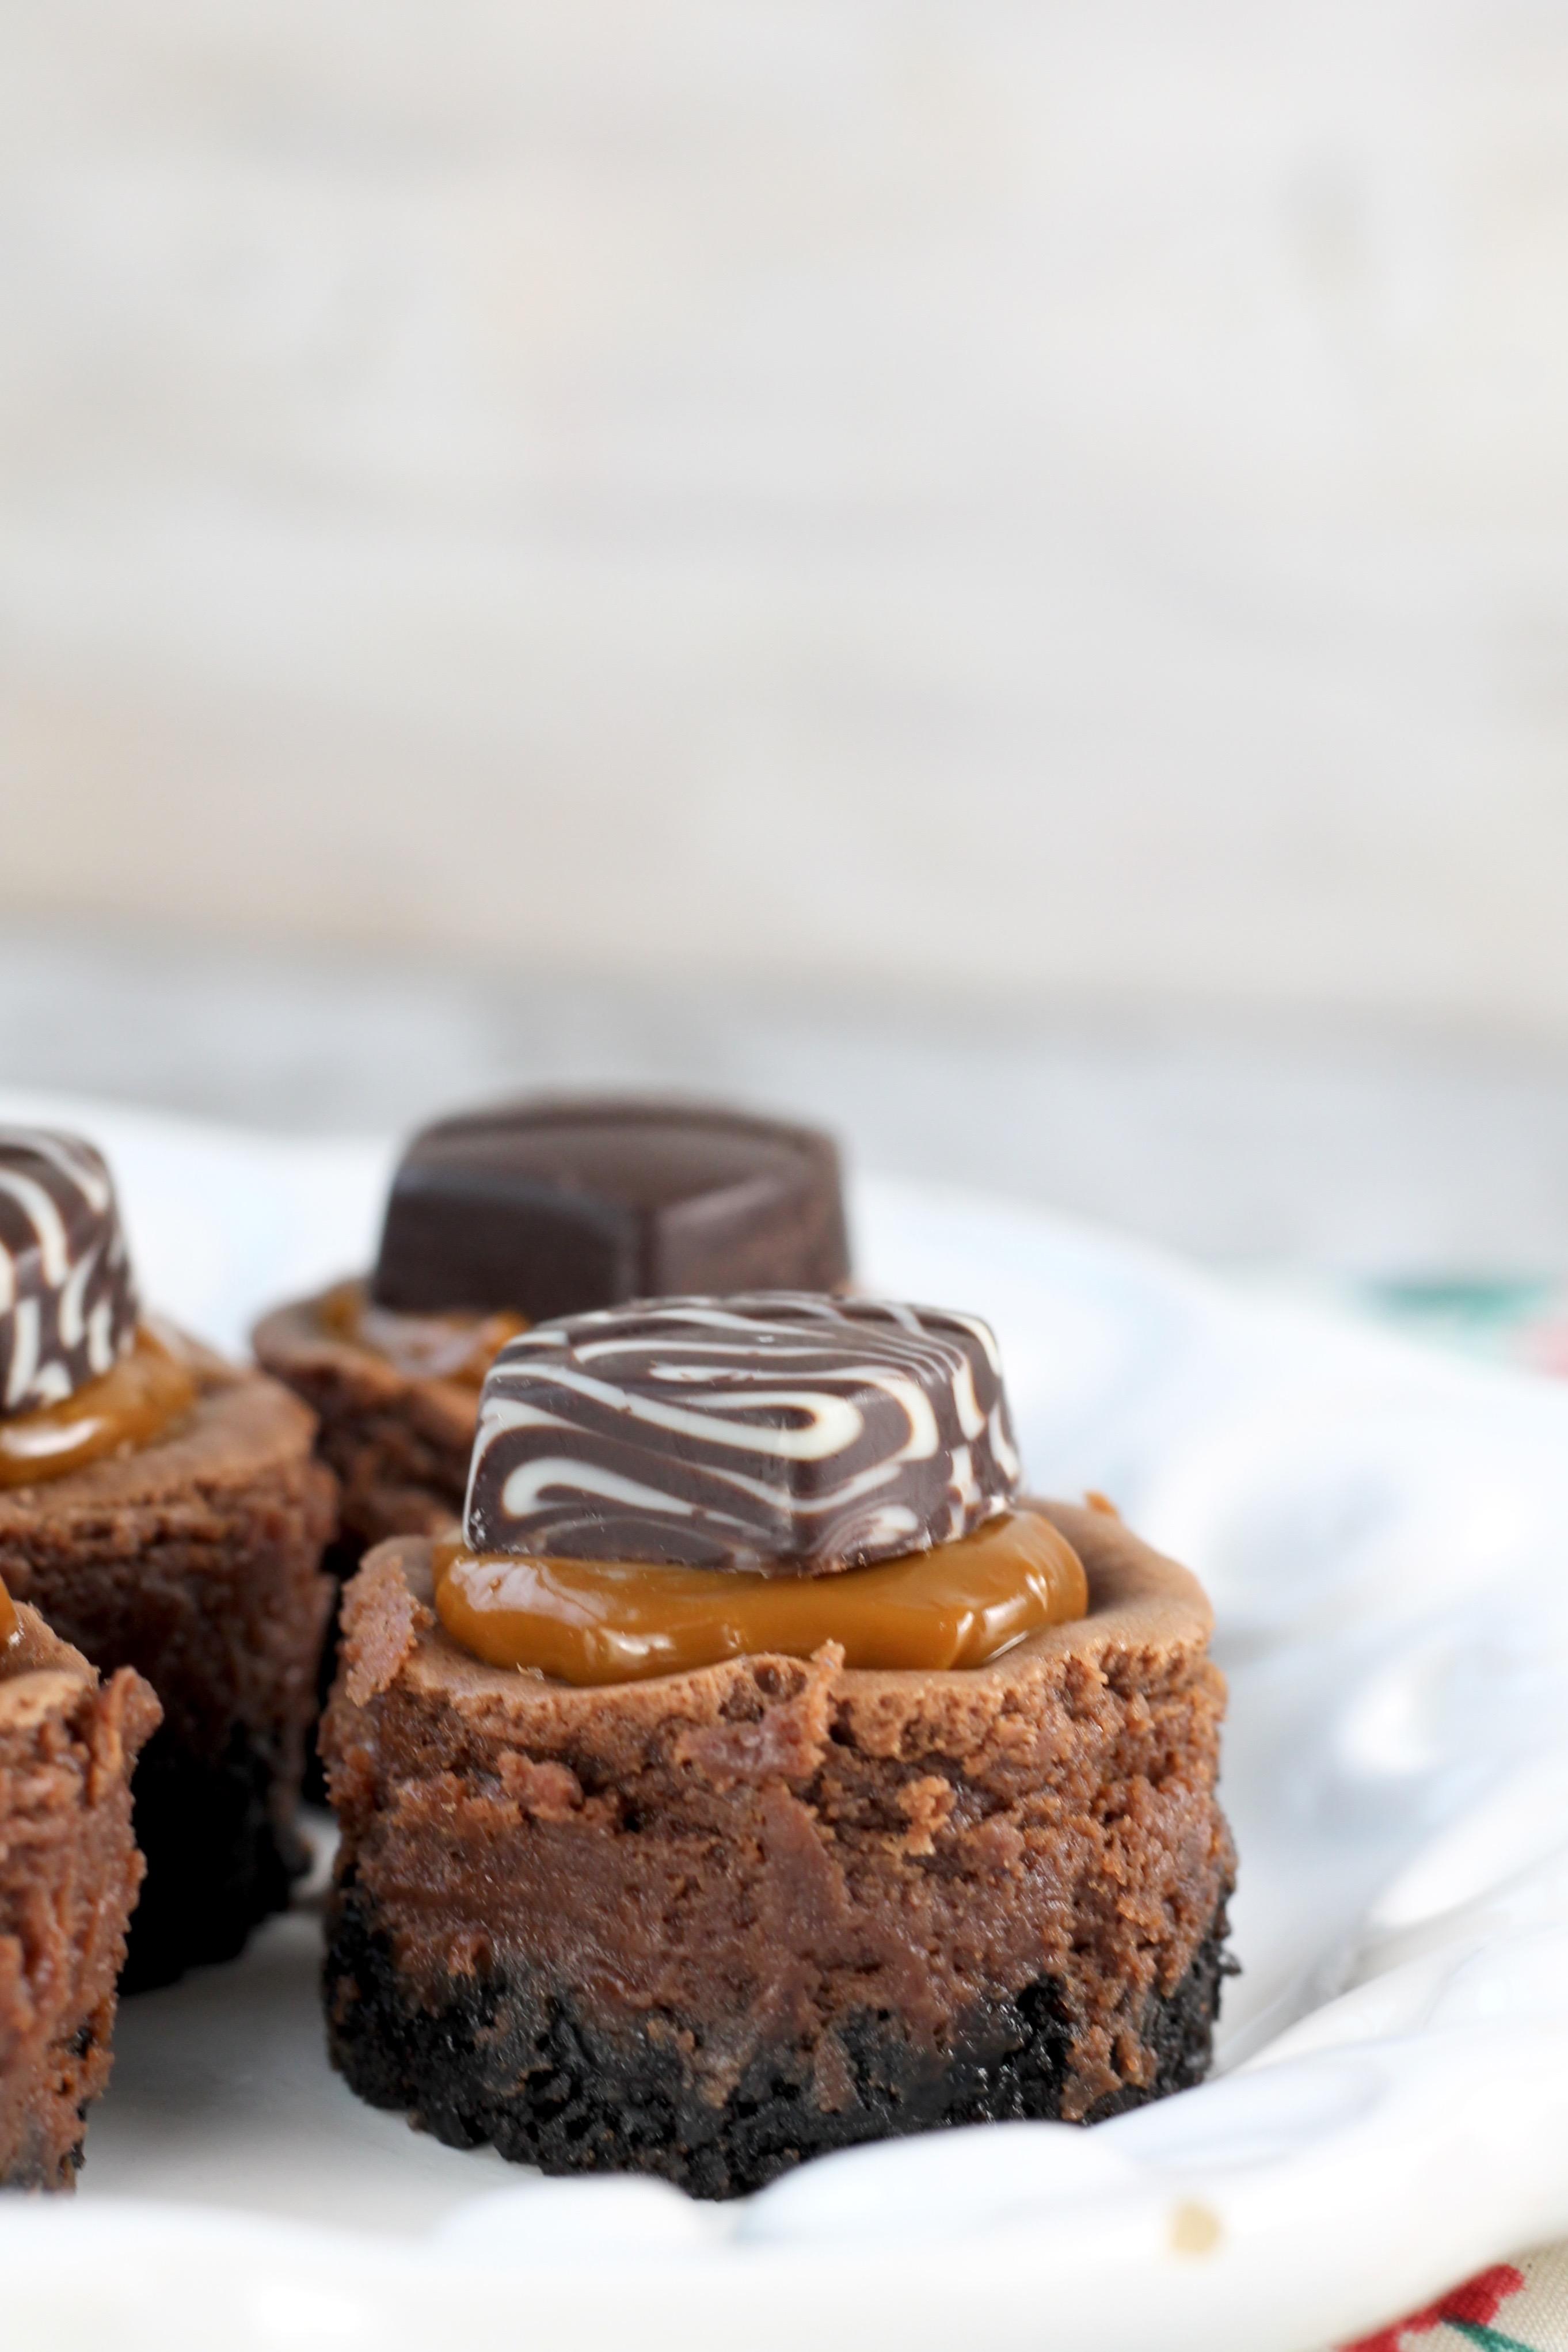 Mini Dove Cheesecakes with dulce de leche caramel